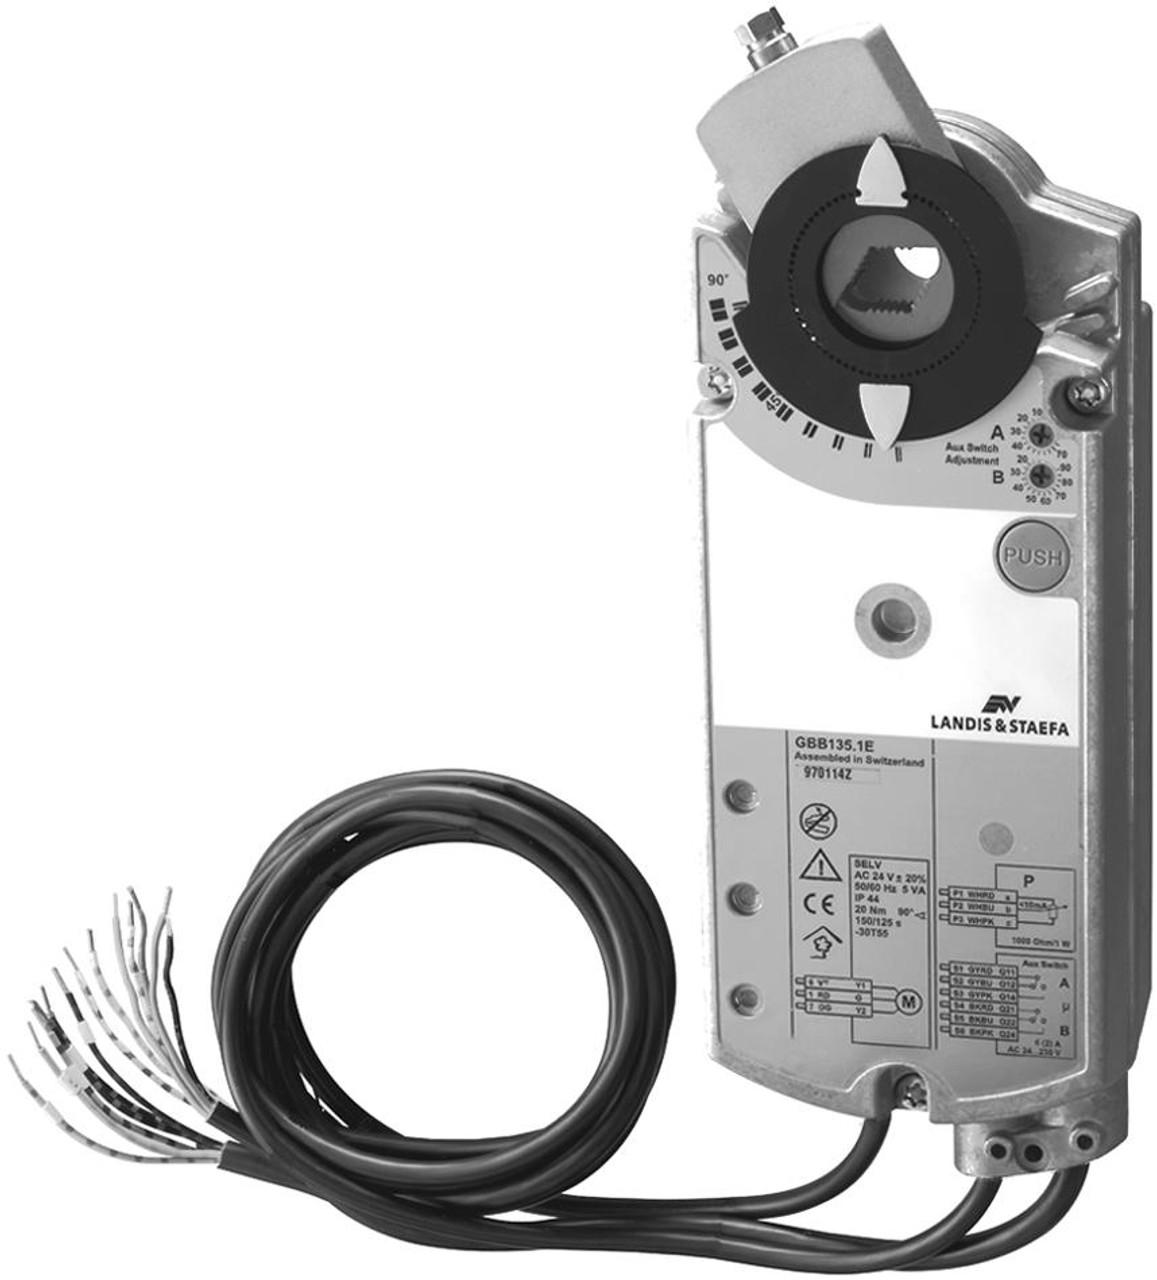 GBB136.1E rotary air damper actuator